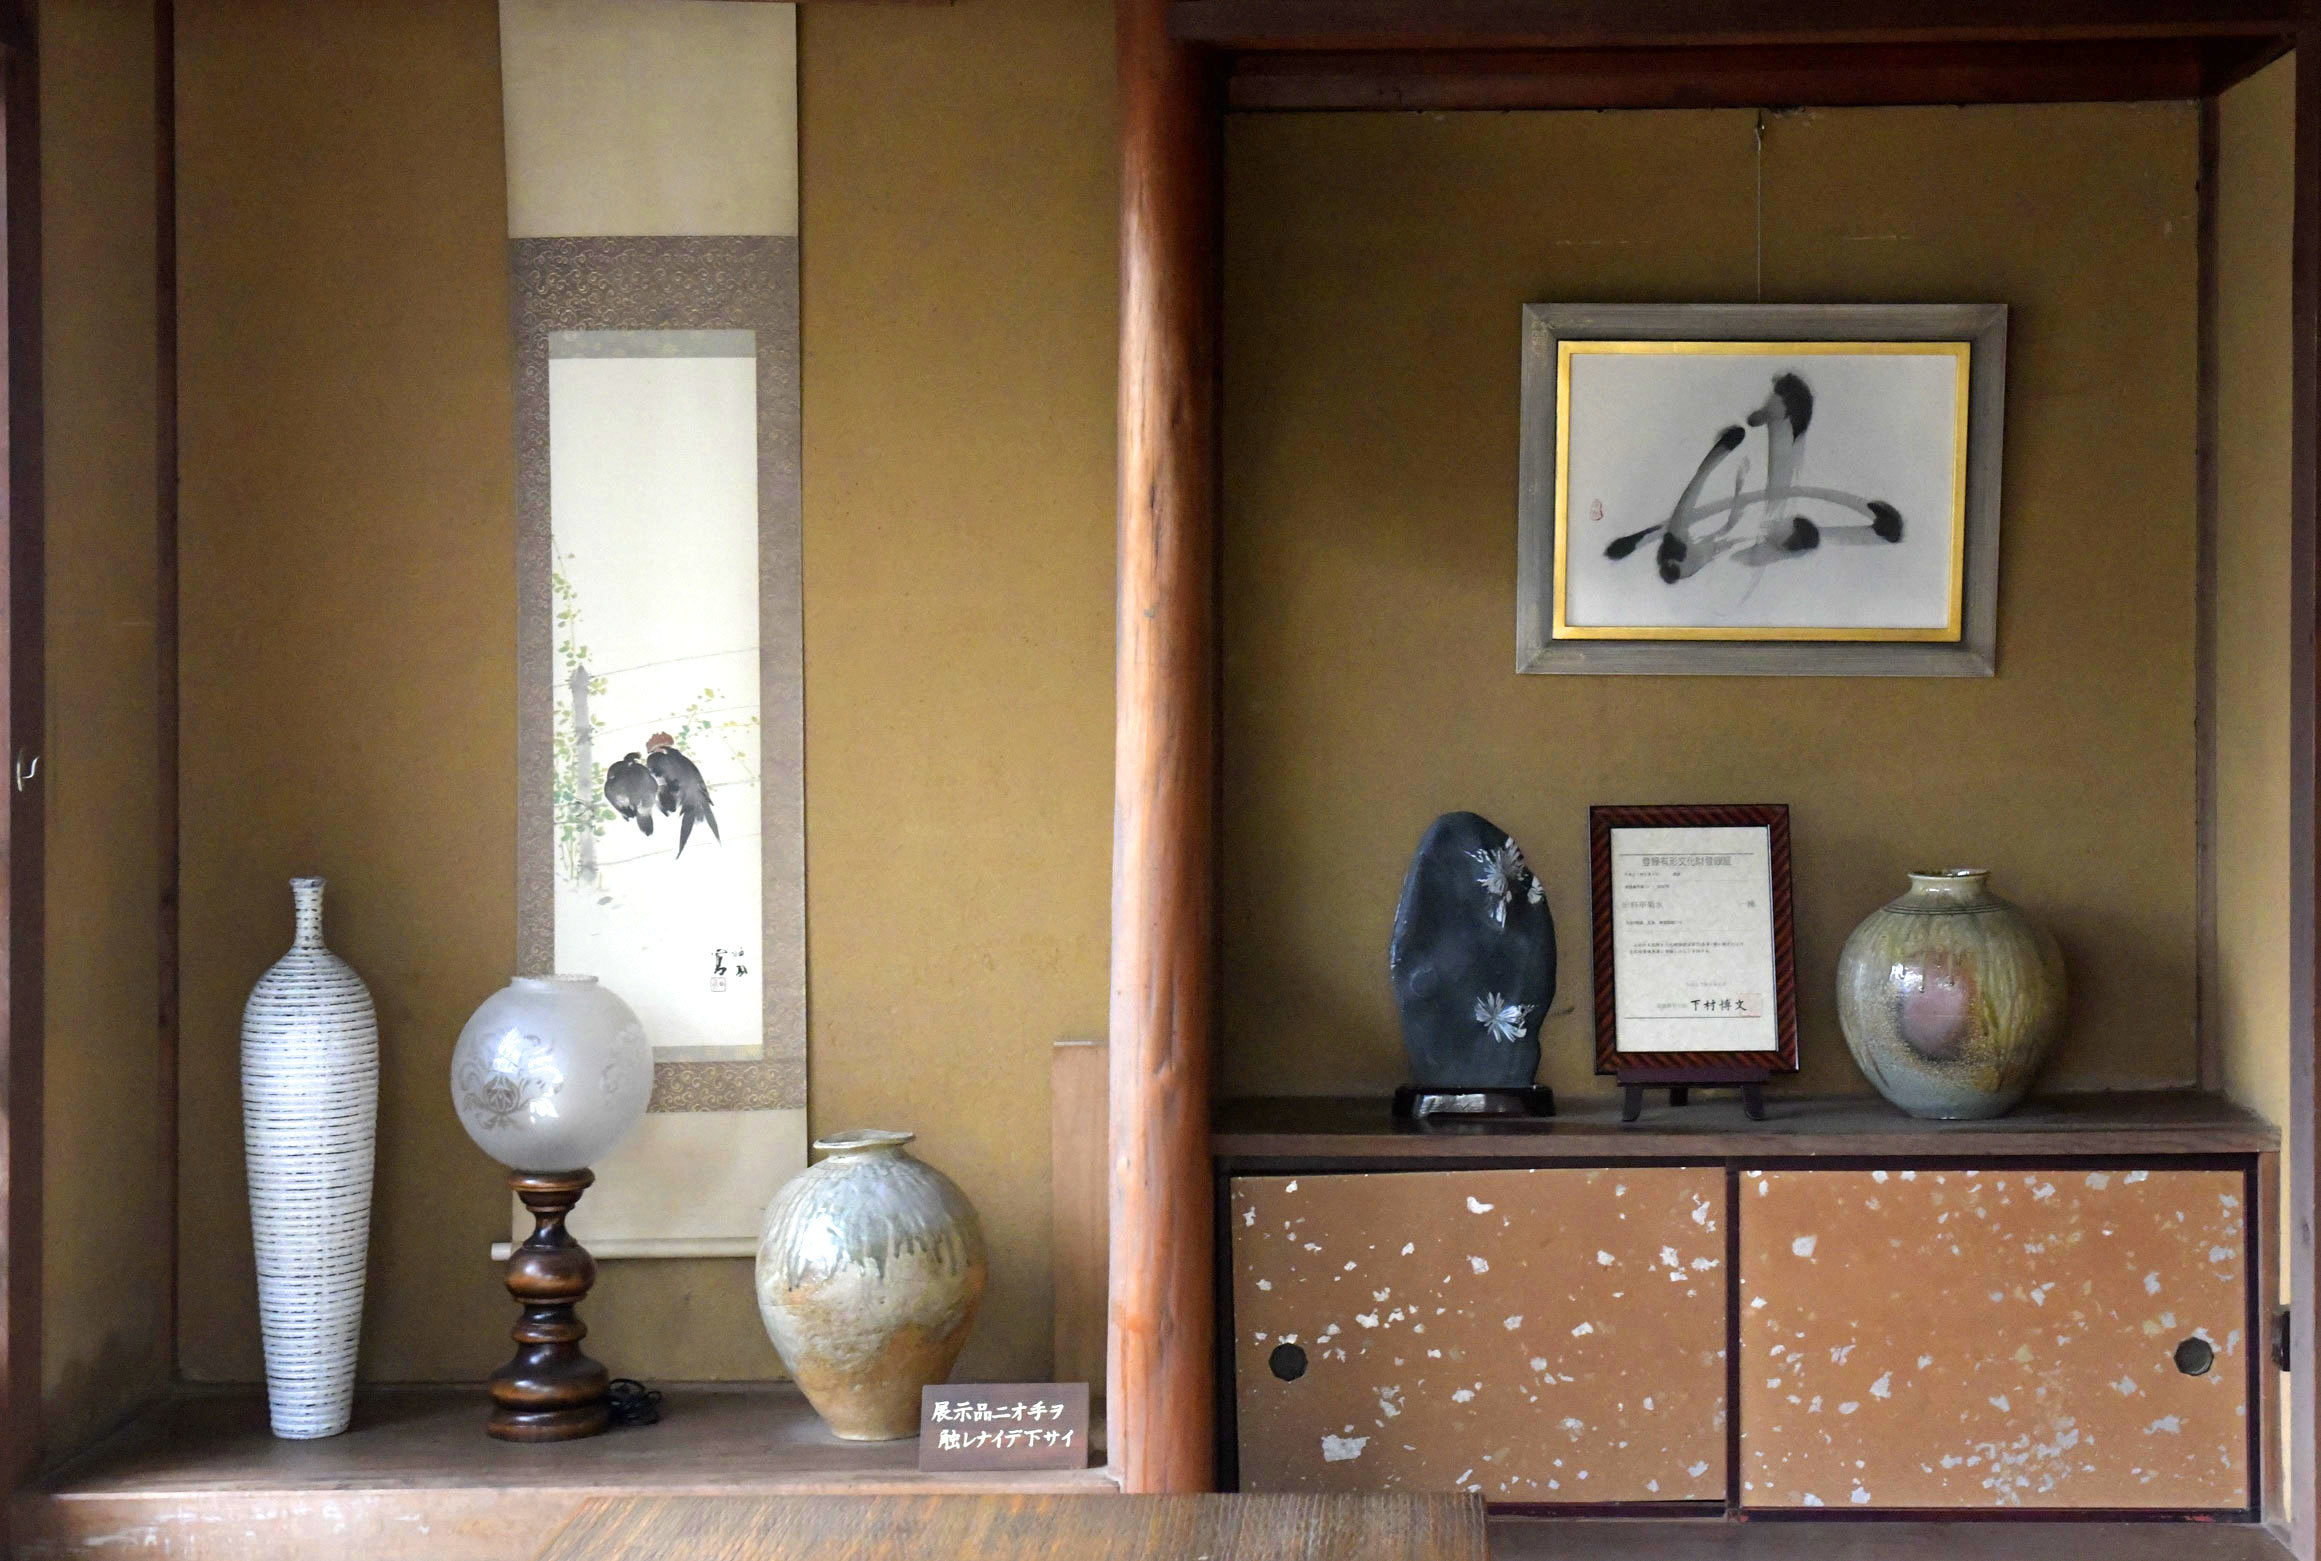 大野宿・古い街並_c0232370_08520890.jpg